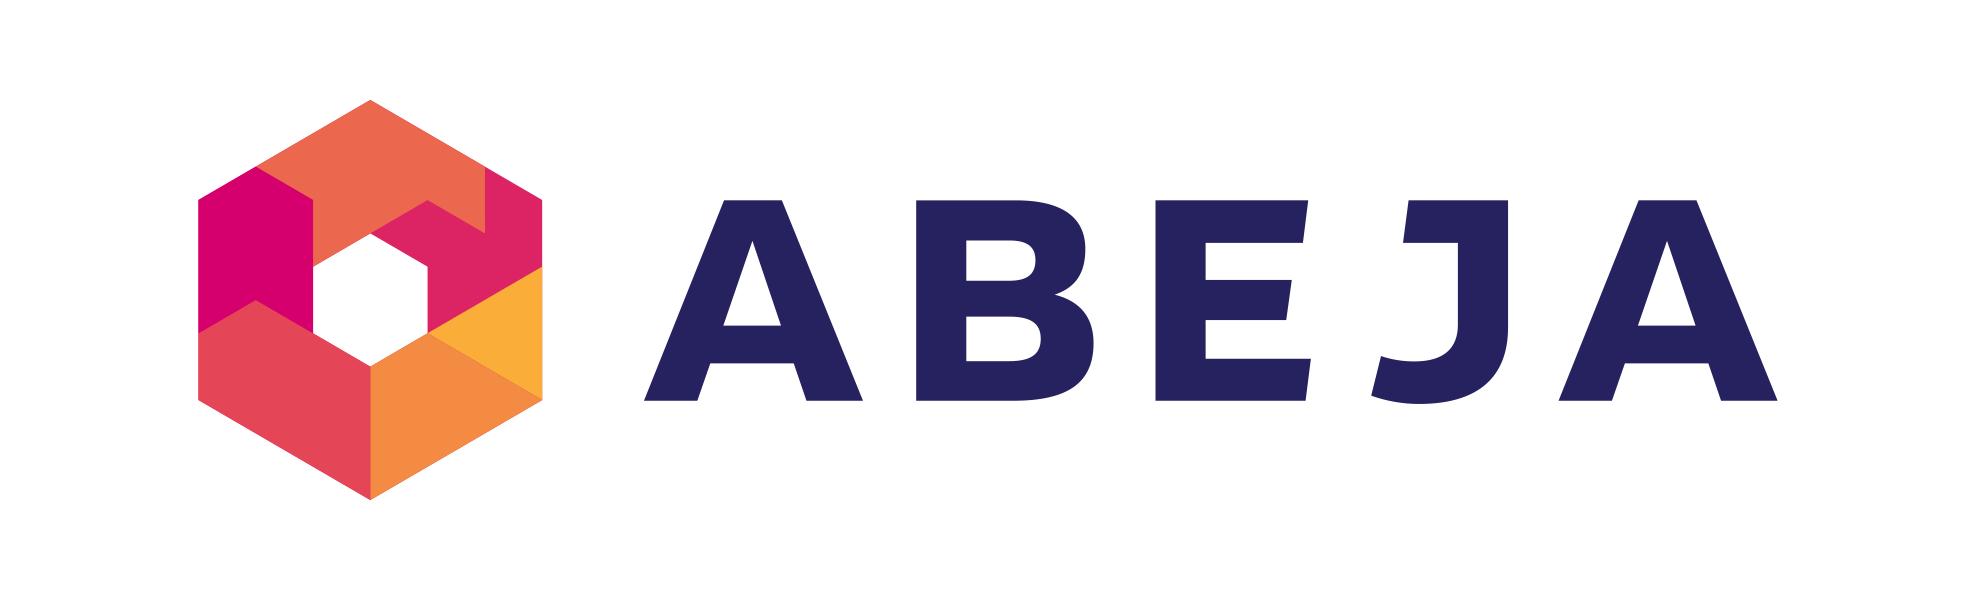 株式会社ABEJA